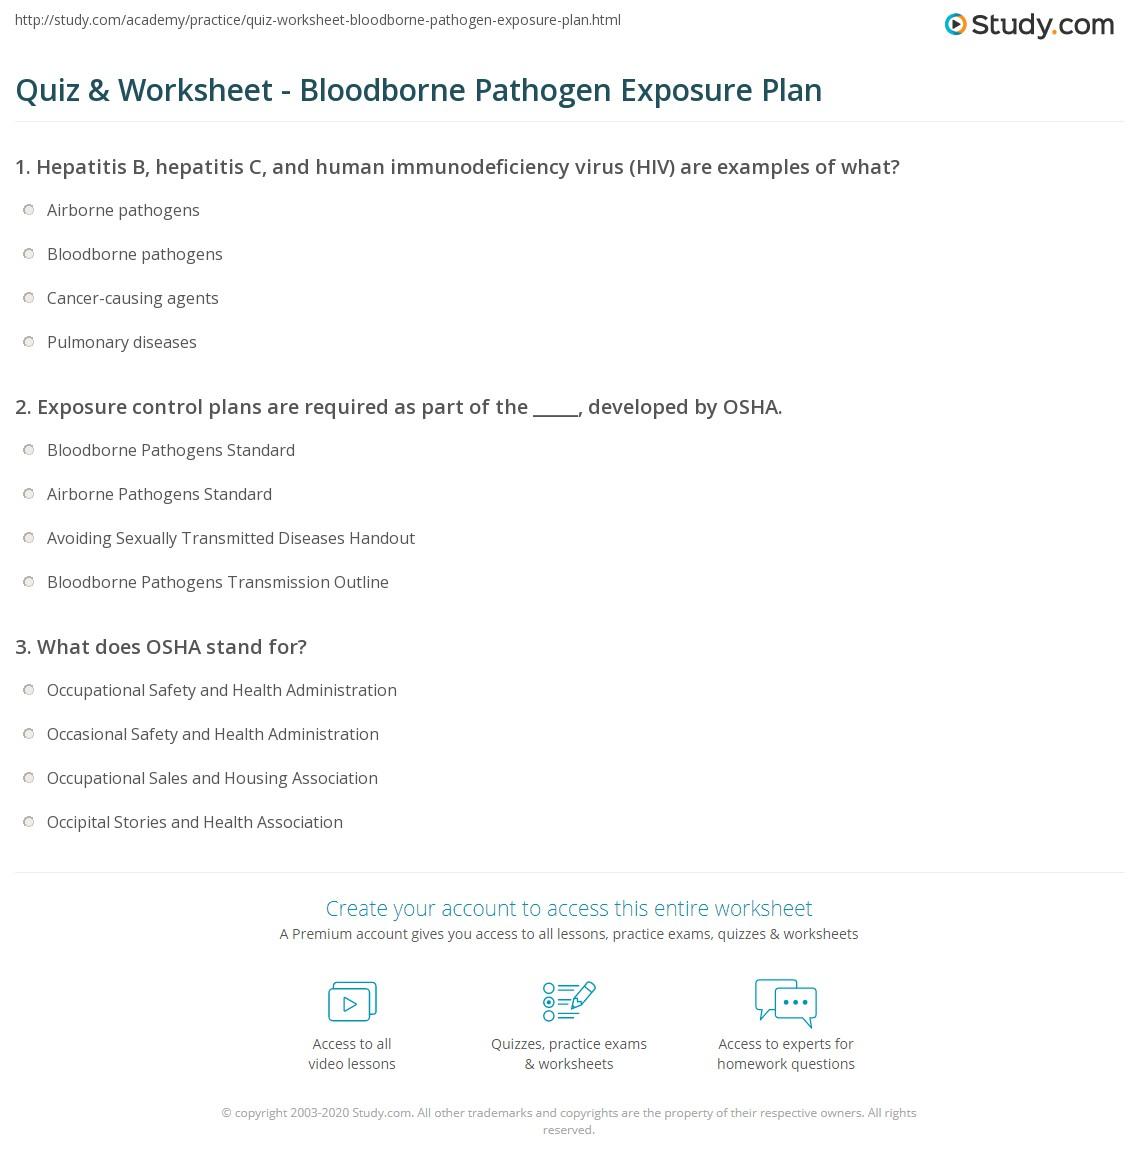 Quiz Worksheet Bloodborne Pathogen Exposure Plan Study